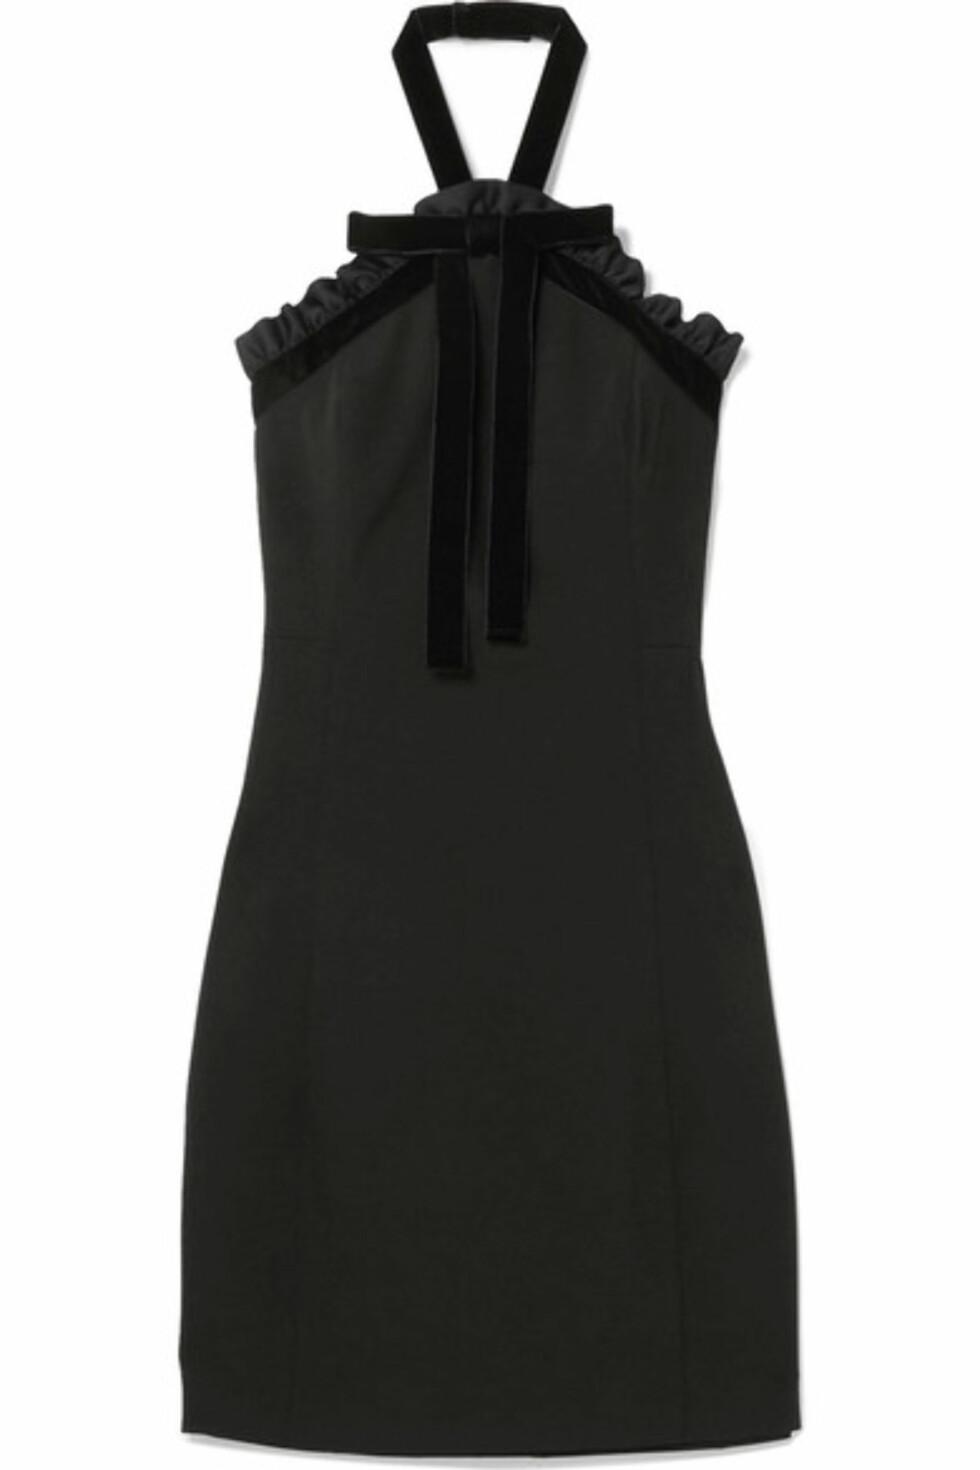 Kjole fra Michael Kors via Net-a-porter.com  2222,-  https://www.net-a-porter.com/no/en/product/958324/michael_michael_kors/ruffled-velvet-trimmed-crepe-halterneck-mini-dress